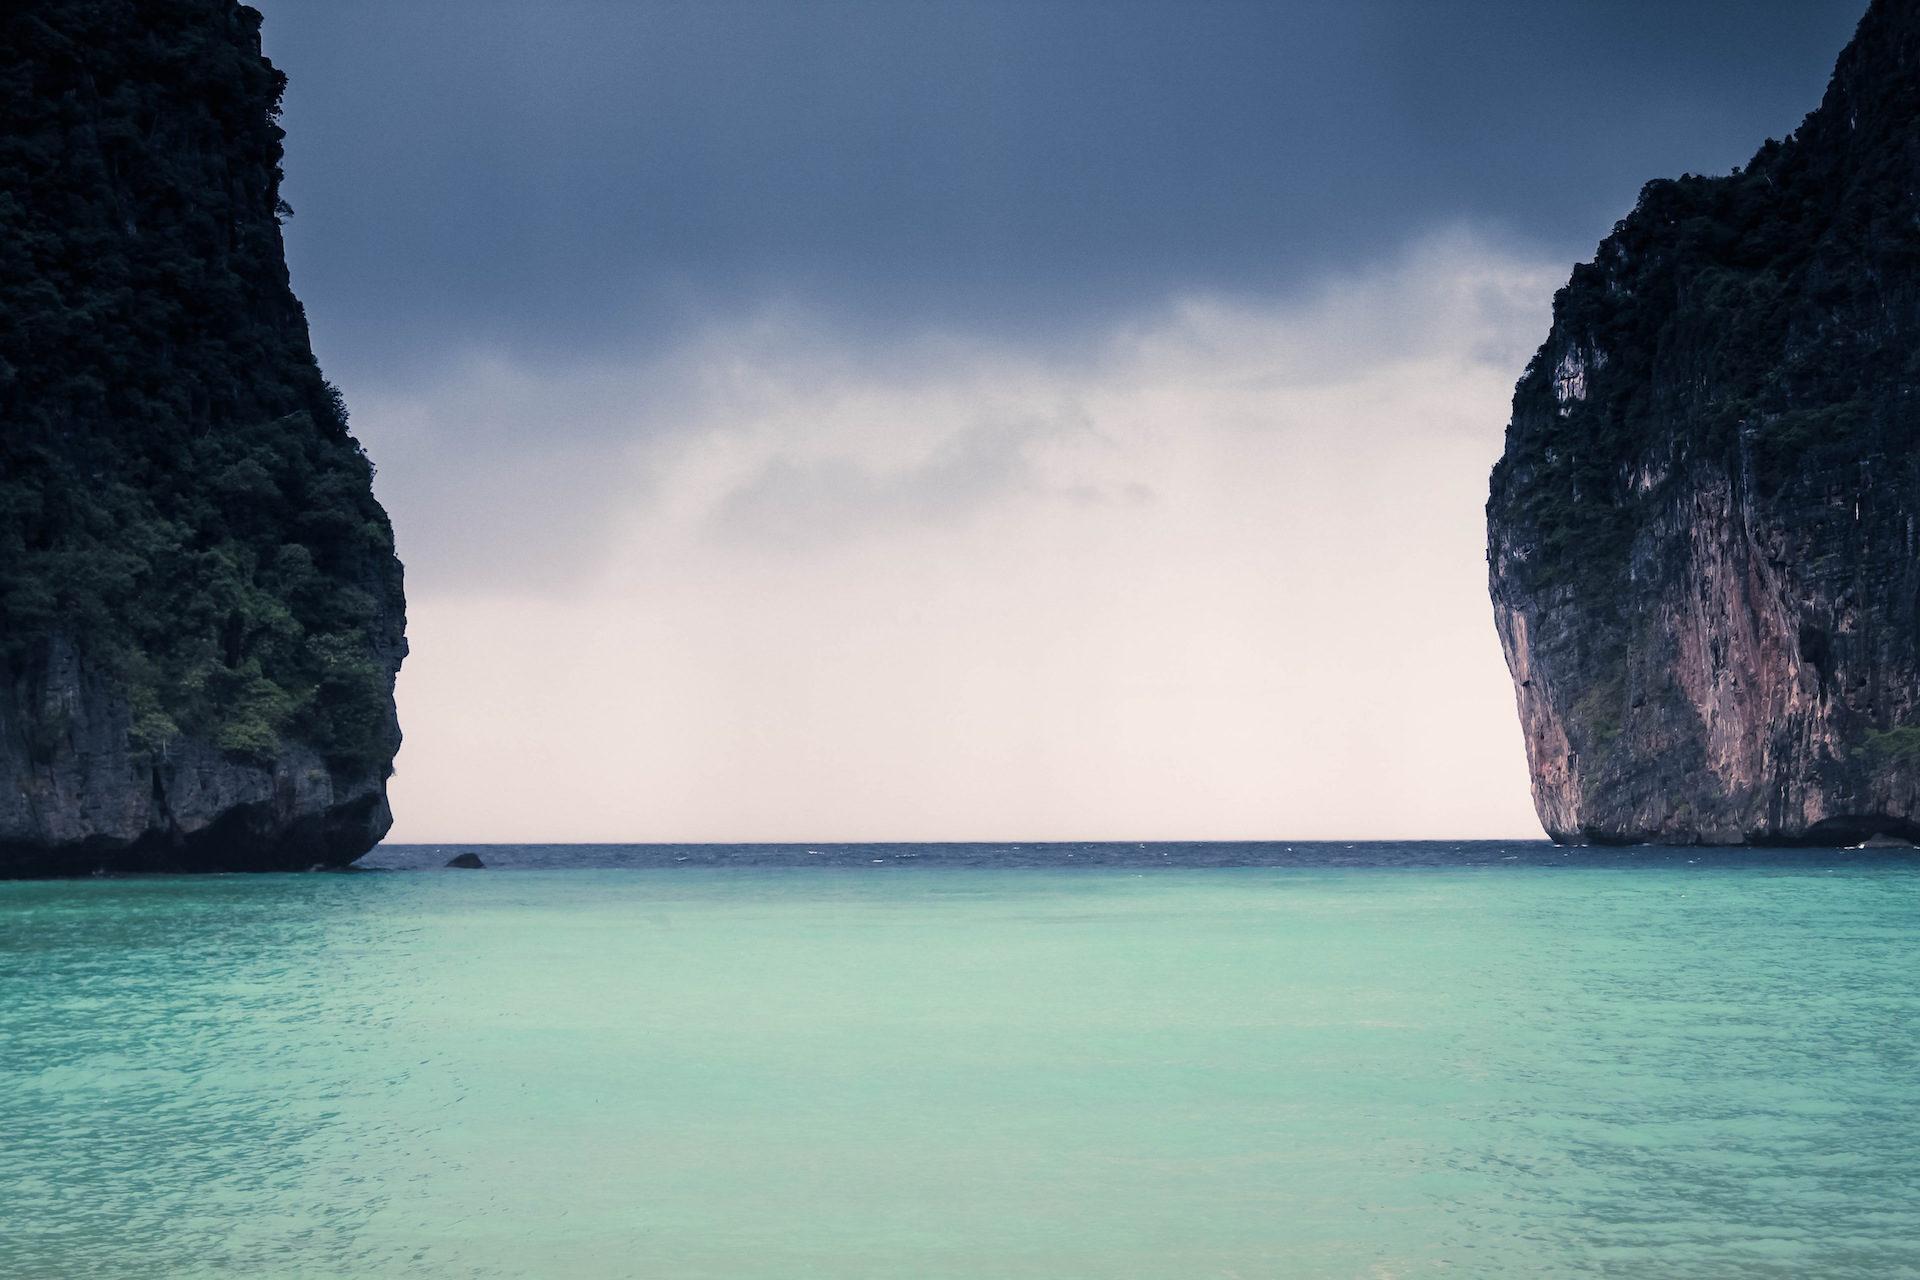 海滩, Montañas, 海, 振幅, 距离 - 高清壁纸 - 教授-falken.com